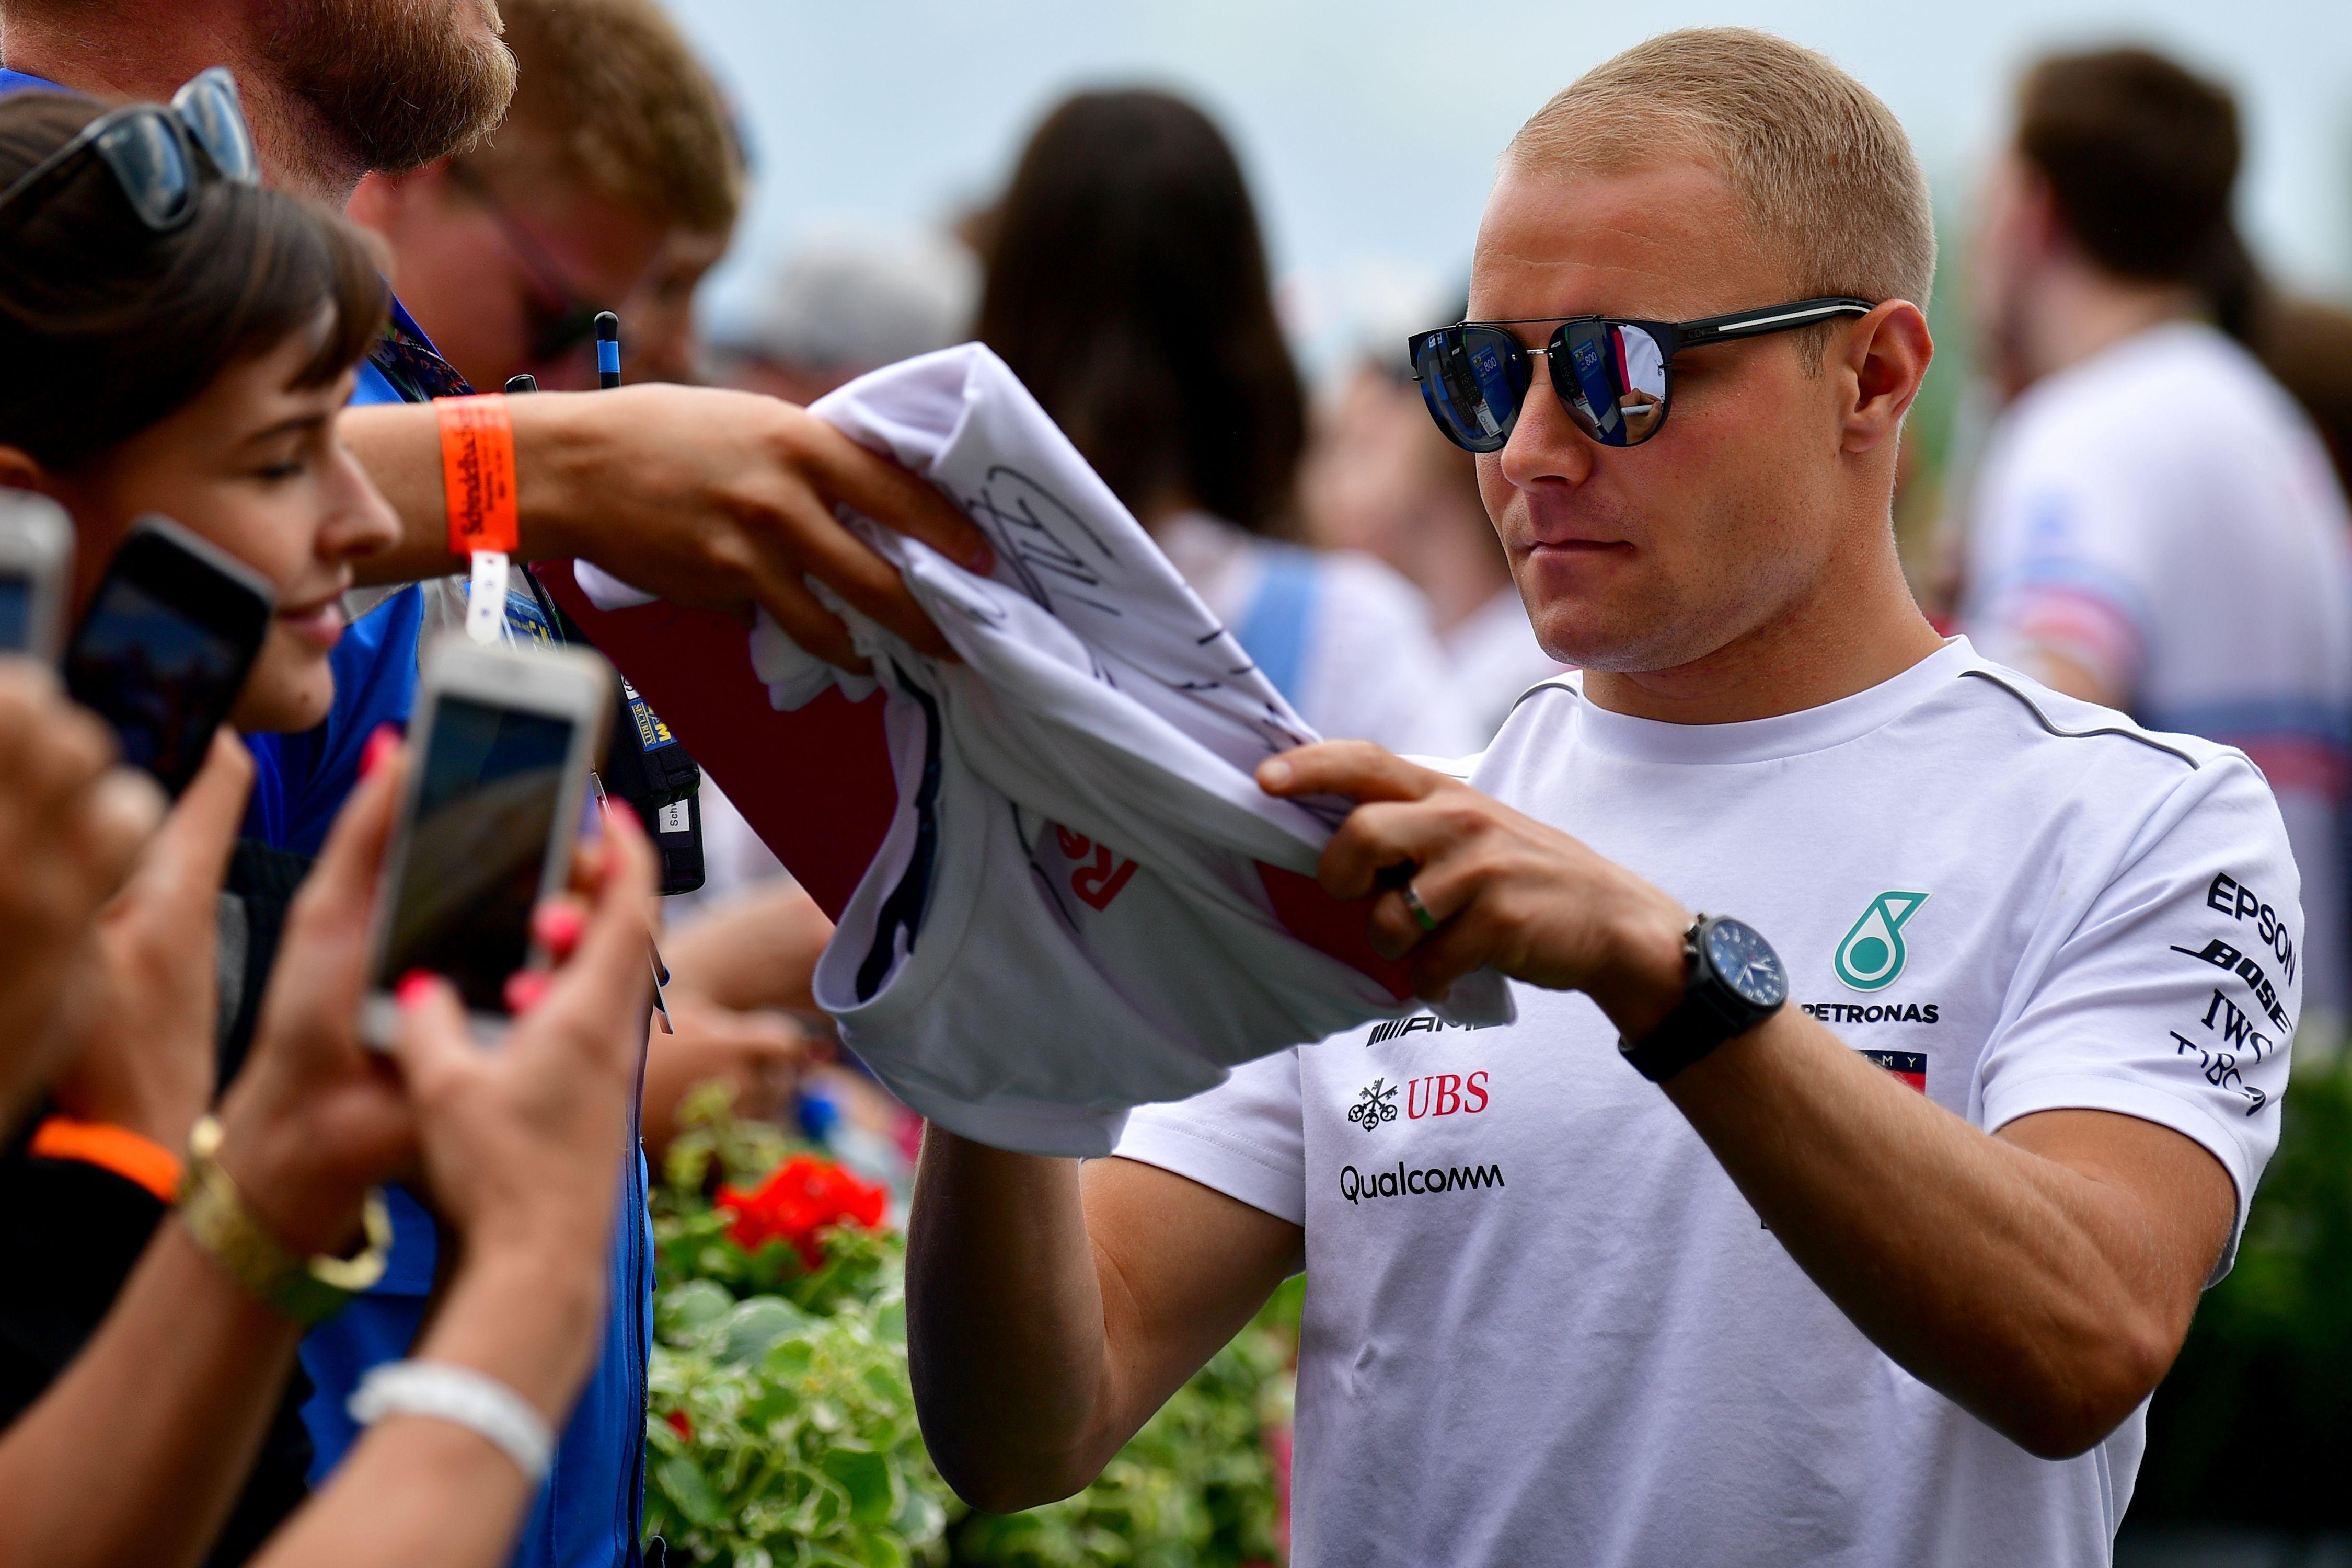 Valtteri Bottas will now start on pole for Sunday's Austrian Grand Prix